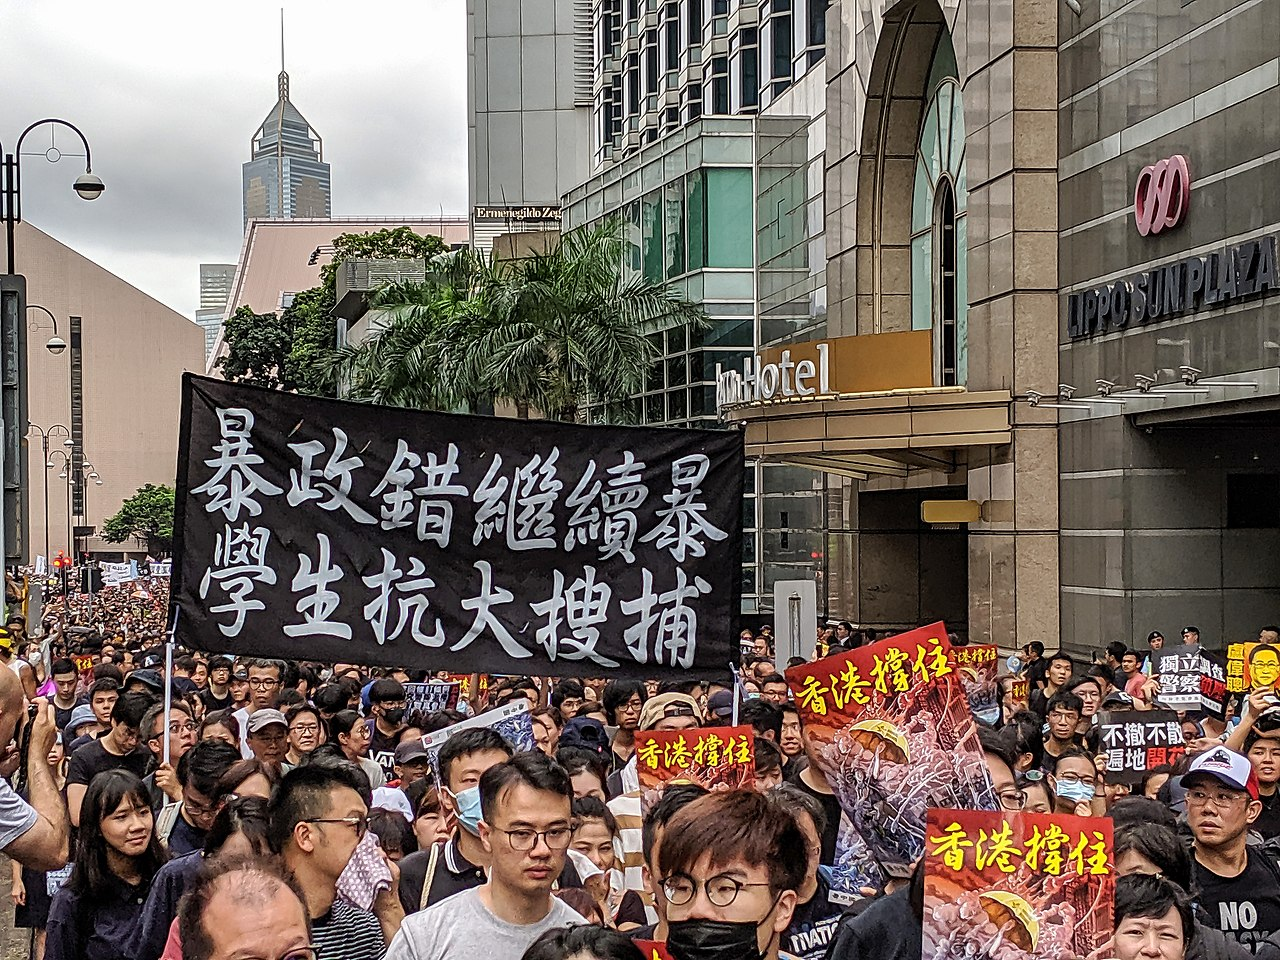 1280px-190707_HK_Protest_Incendo_09.jpg